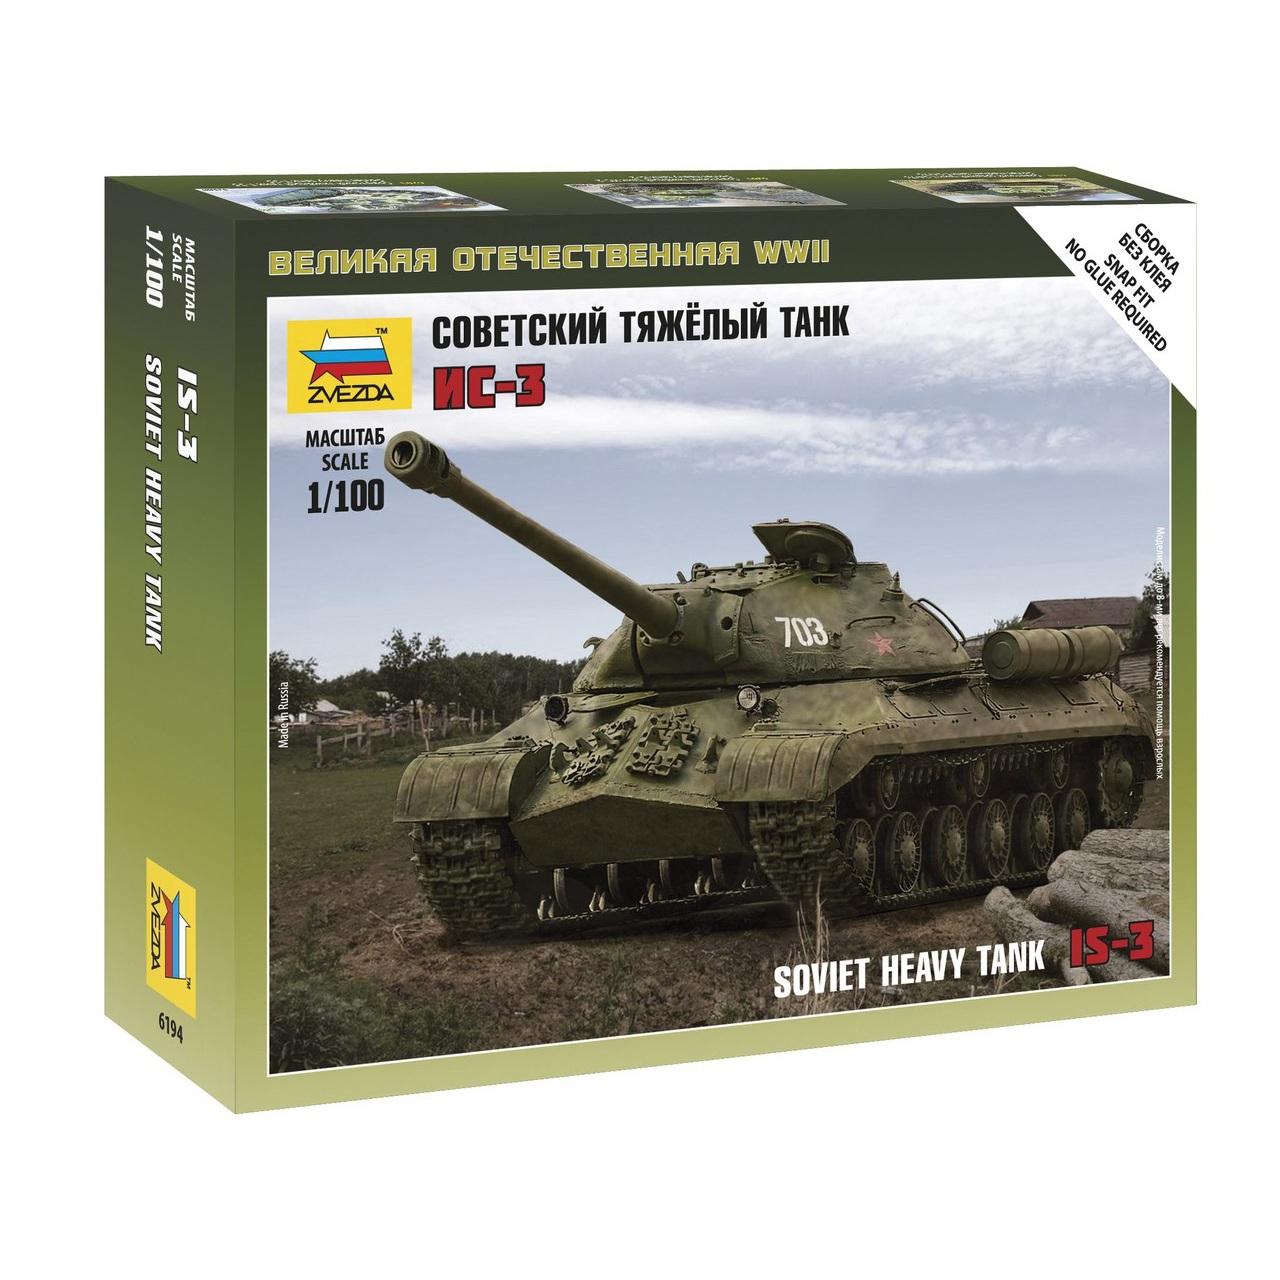 Сборная модель - Советский тяжелый танк ИС-3, 1:100Модели танков для склеивания<br>Сборная модель - Советский тяжелый танк ИС-3, 1:100<br>